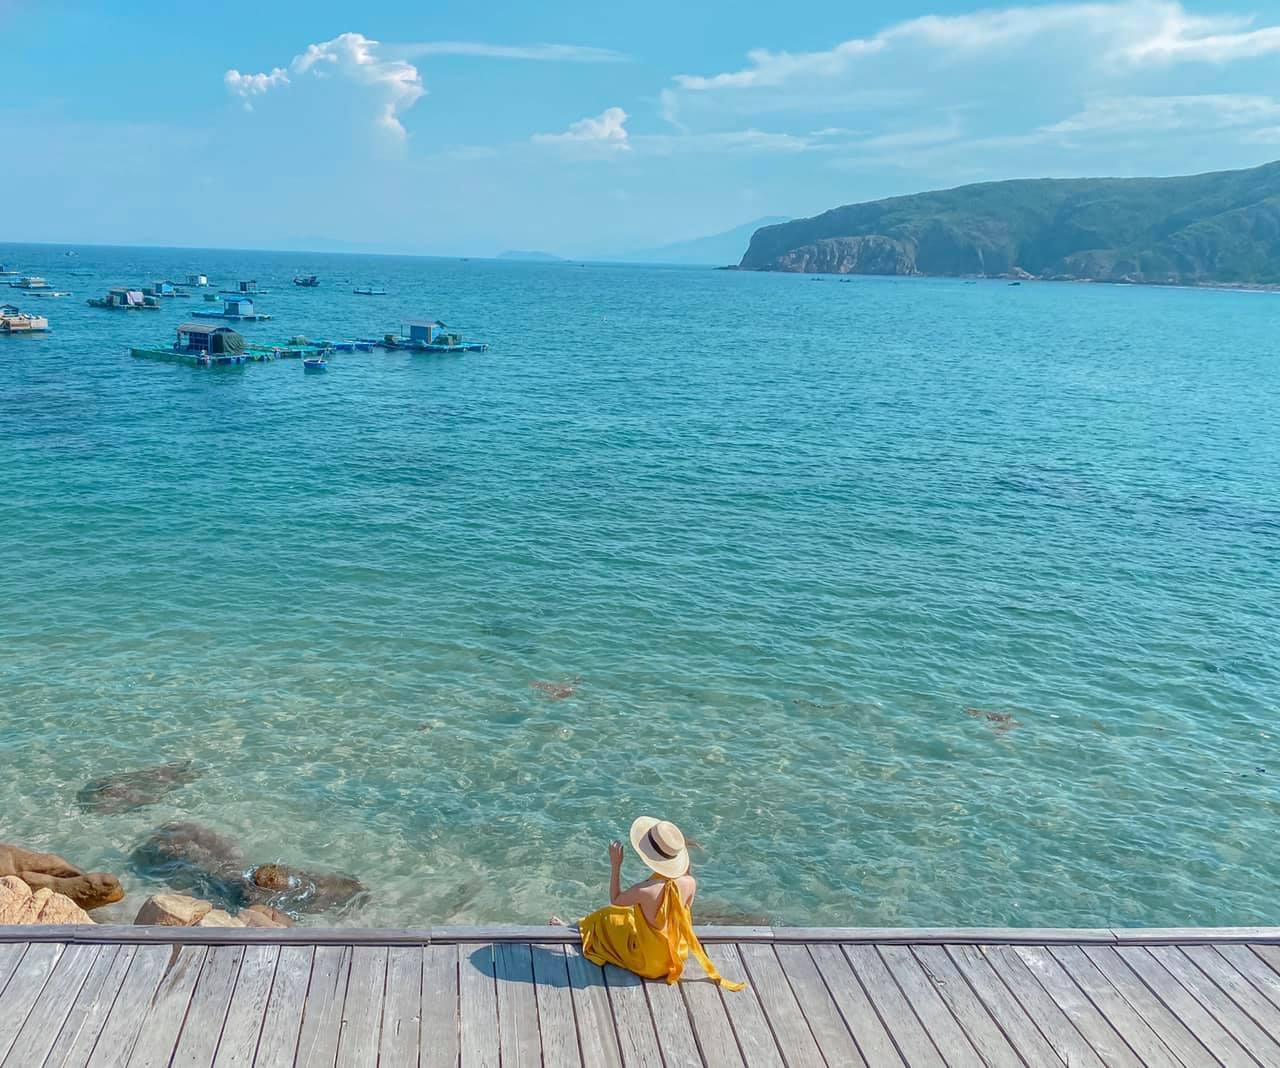 Tour du lịch Quy Nhơn từ Hà Nội: Du ngoạn 'Maldives của Việt Nam' với giá chỉ từ 650.000 đồng - Ảnh 10.